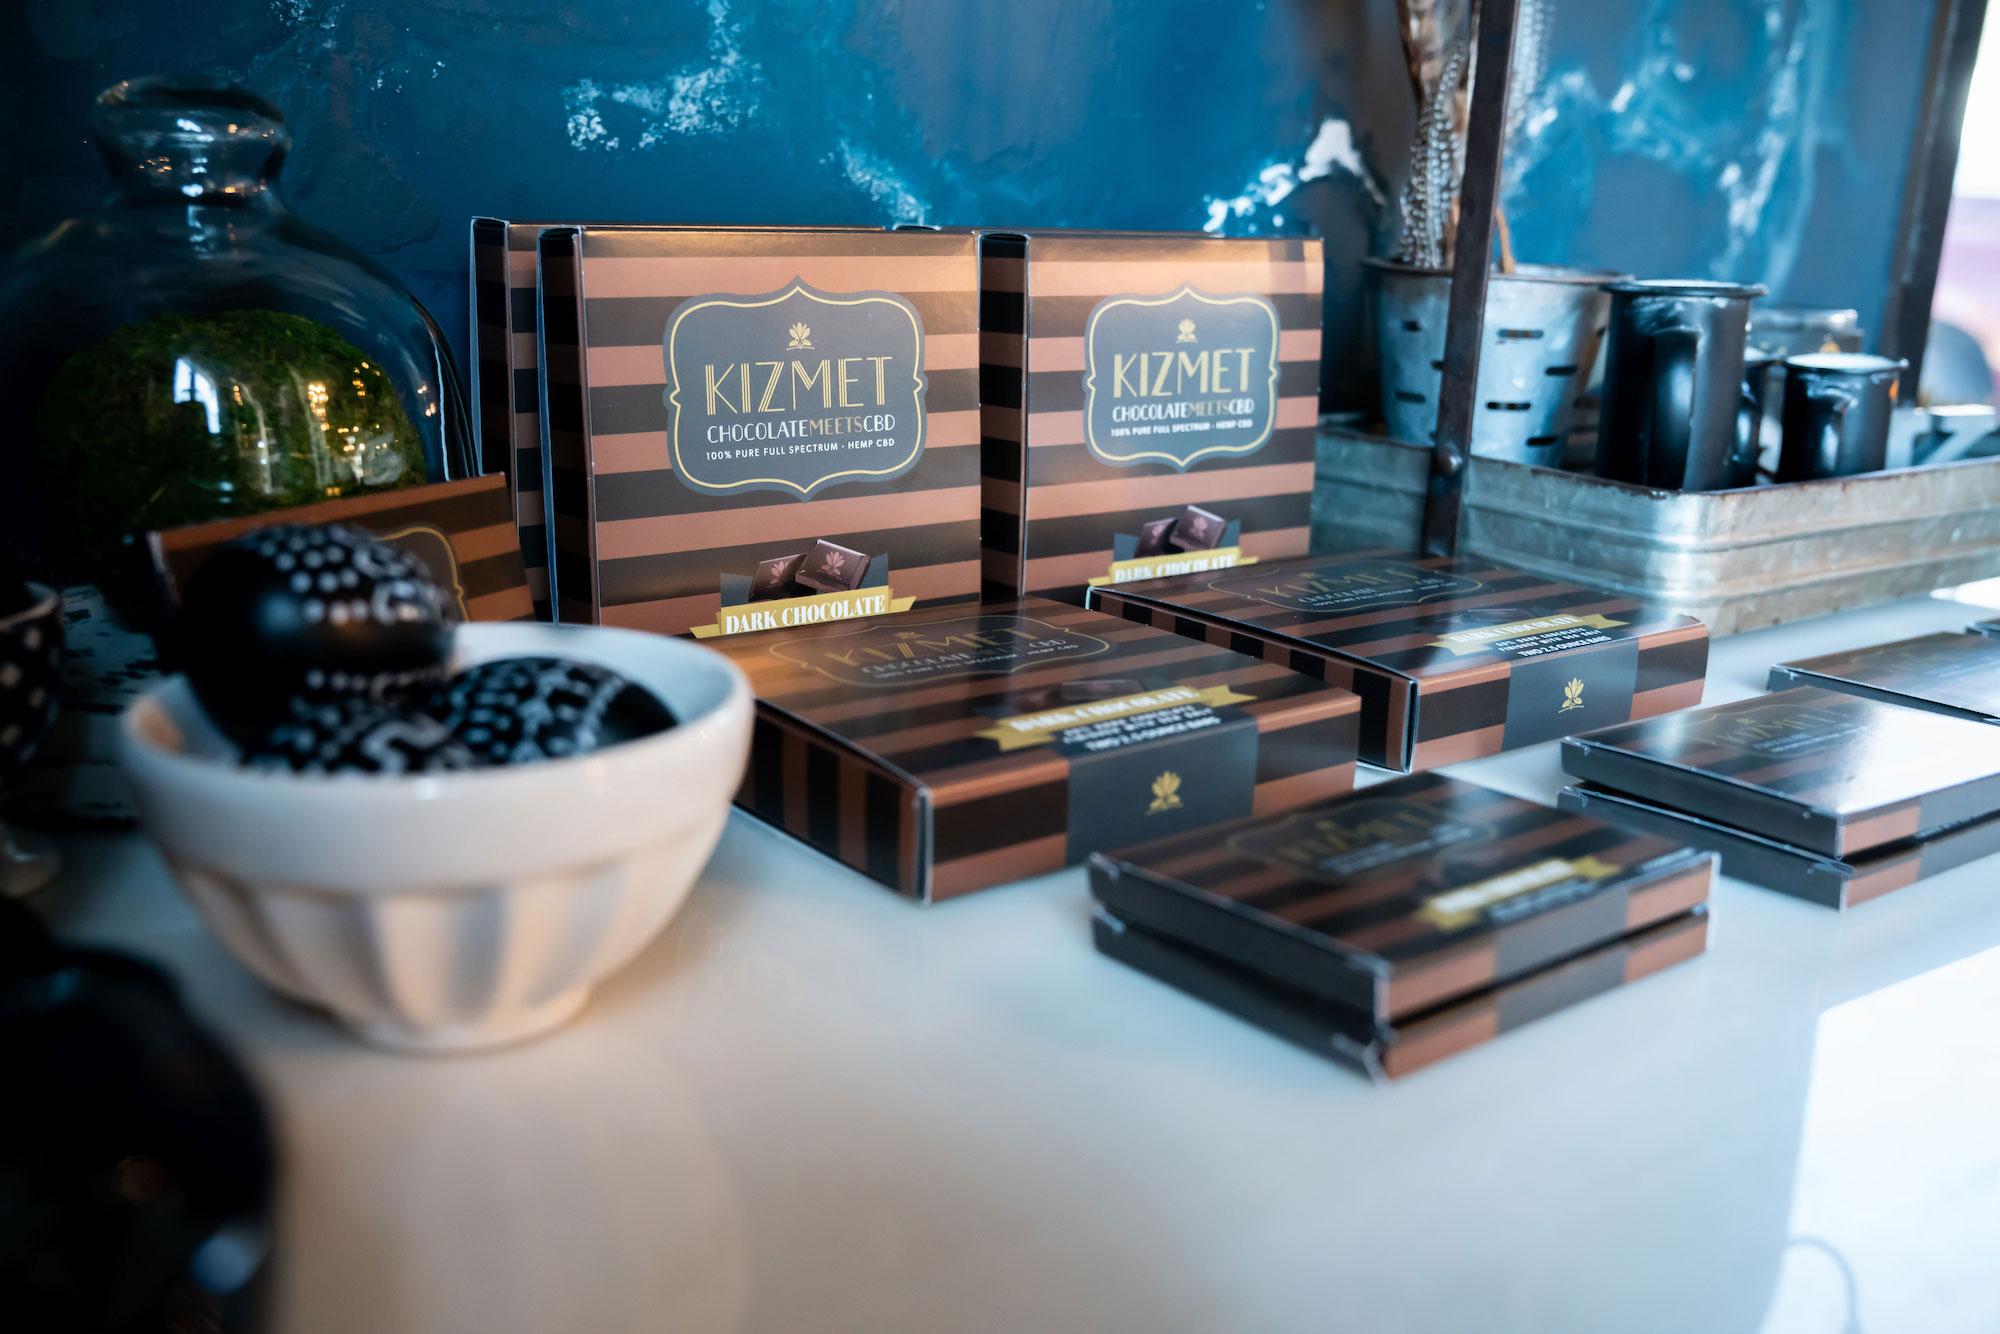 Kizmet Chocolate Bars - Dark Chocolate